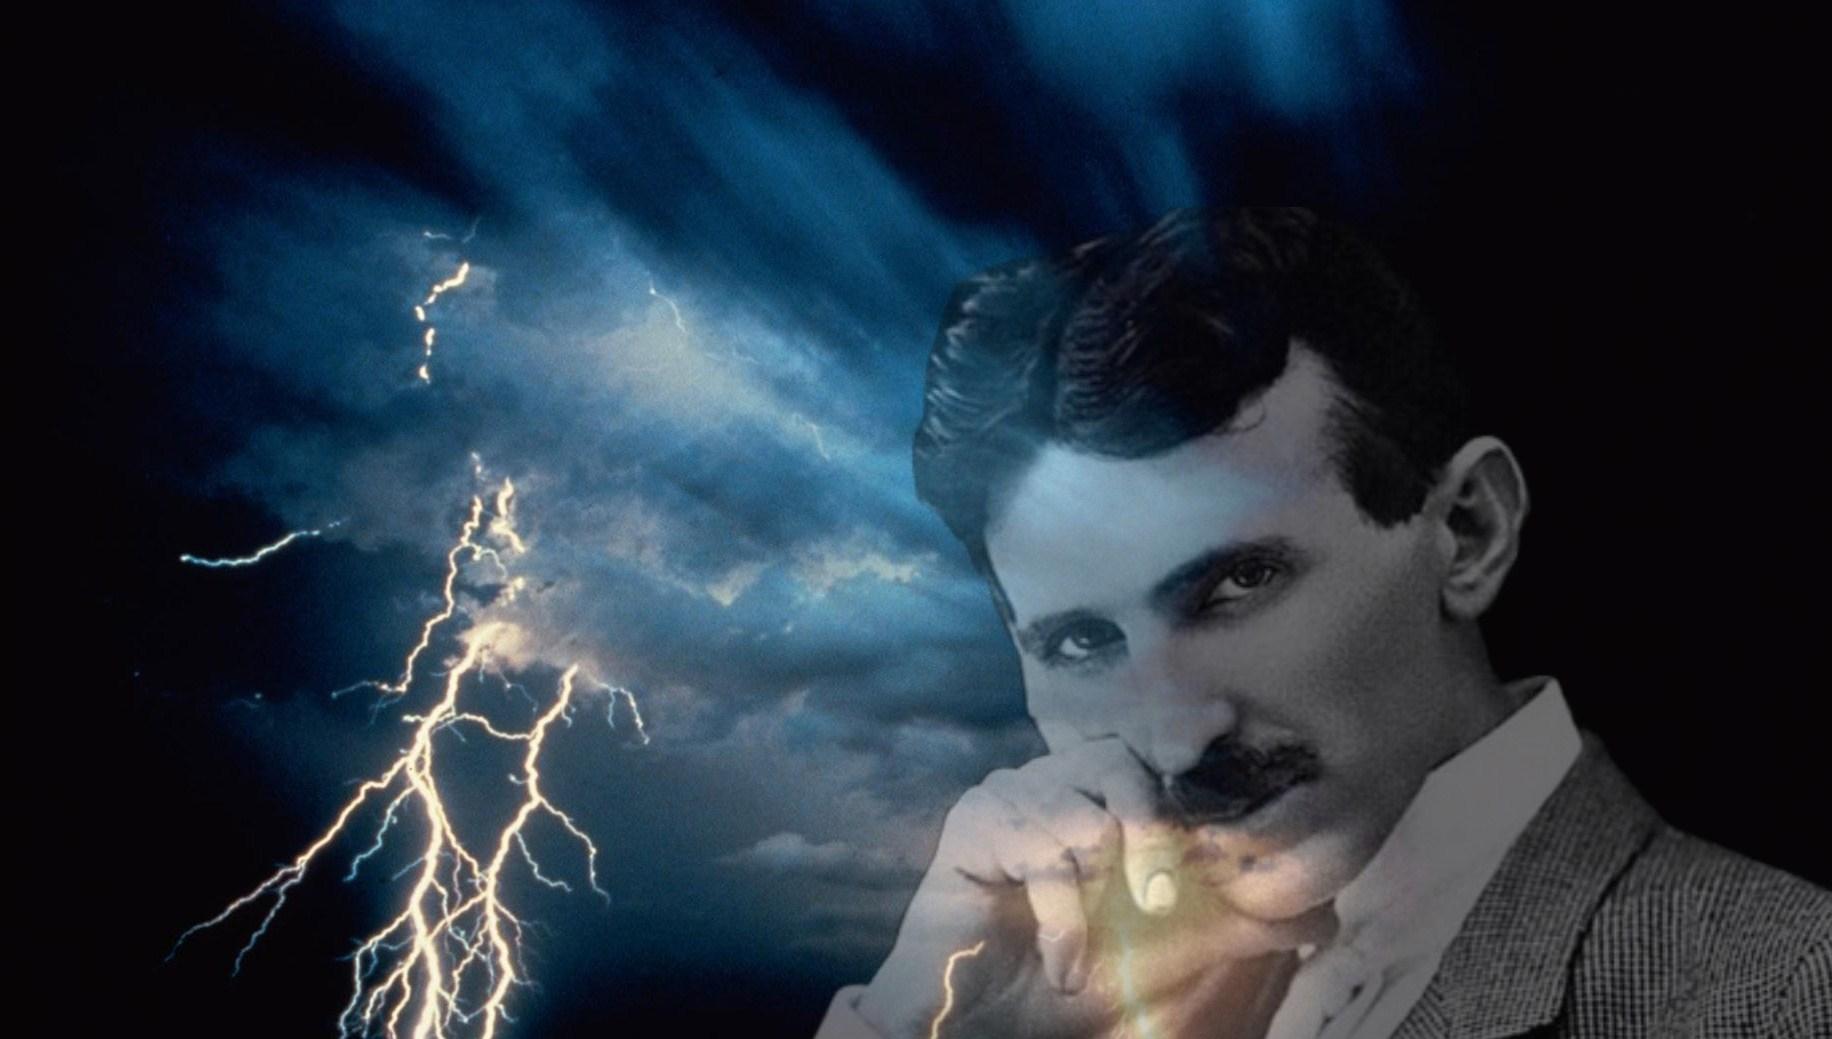 Tesla se u snu javio svetogorskom monahu!